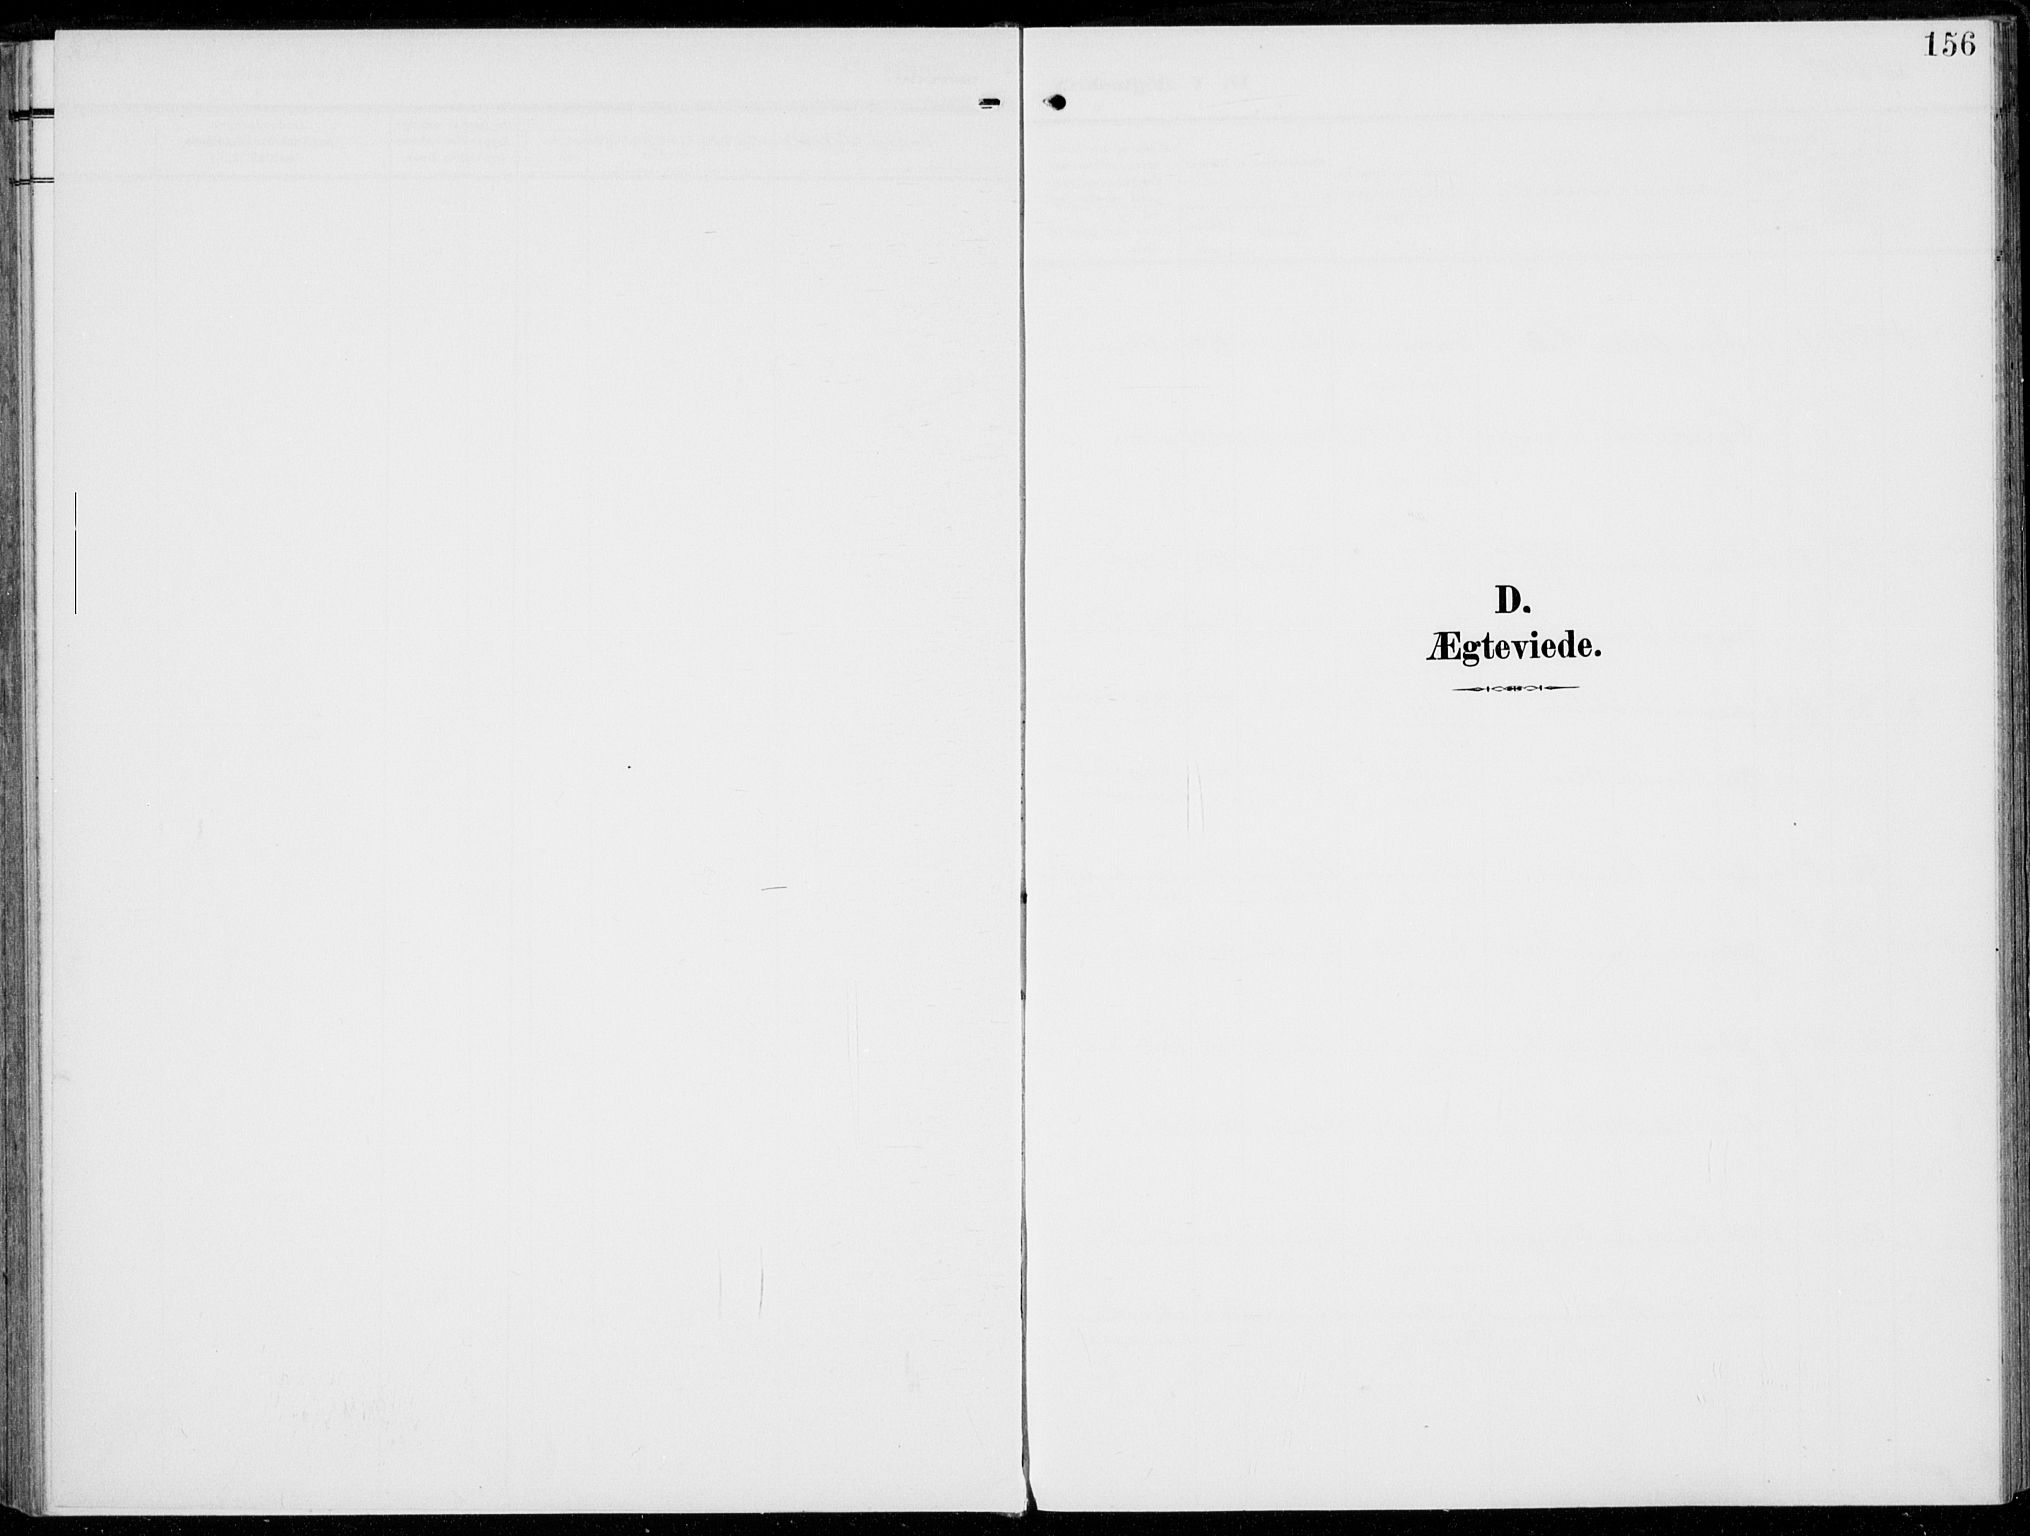 SAH, Alvdal prestekontor, Ministerialbok nr. 4, 1907-1919, s. 156